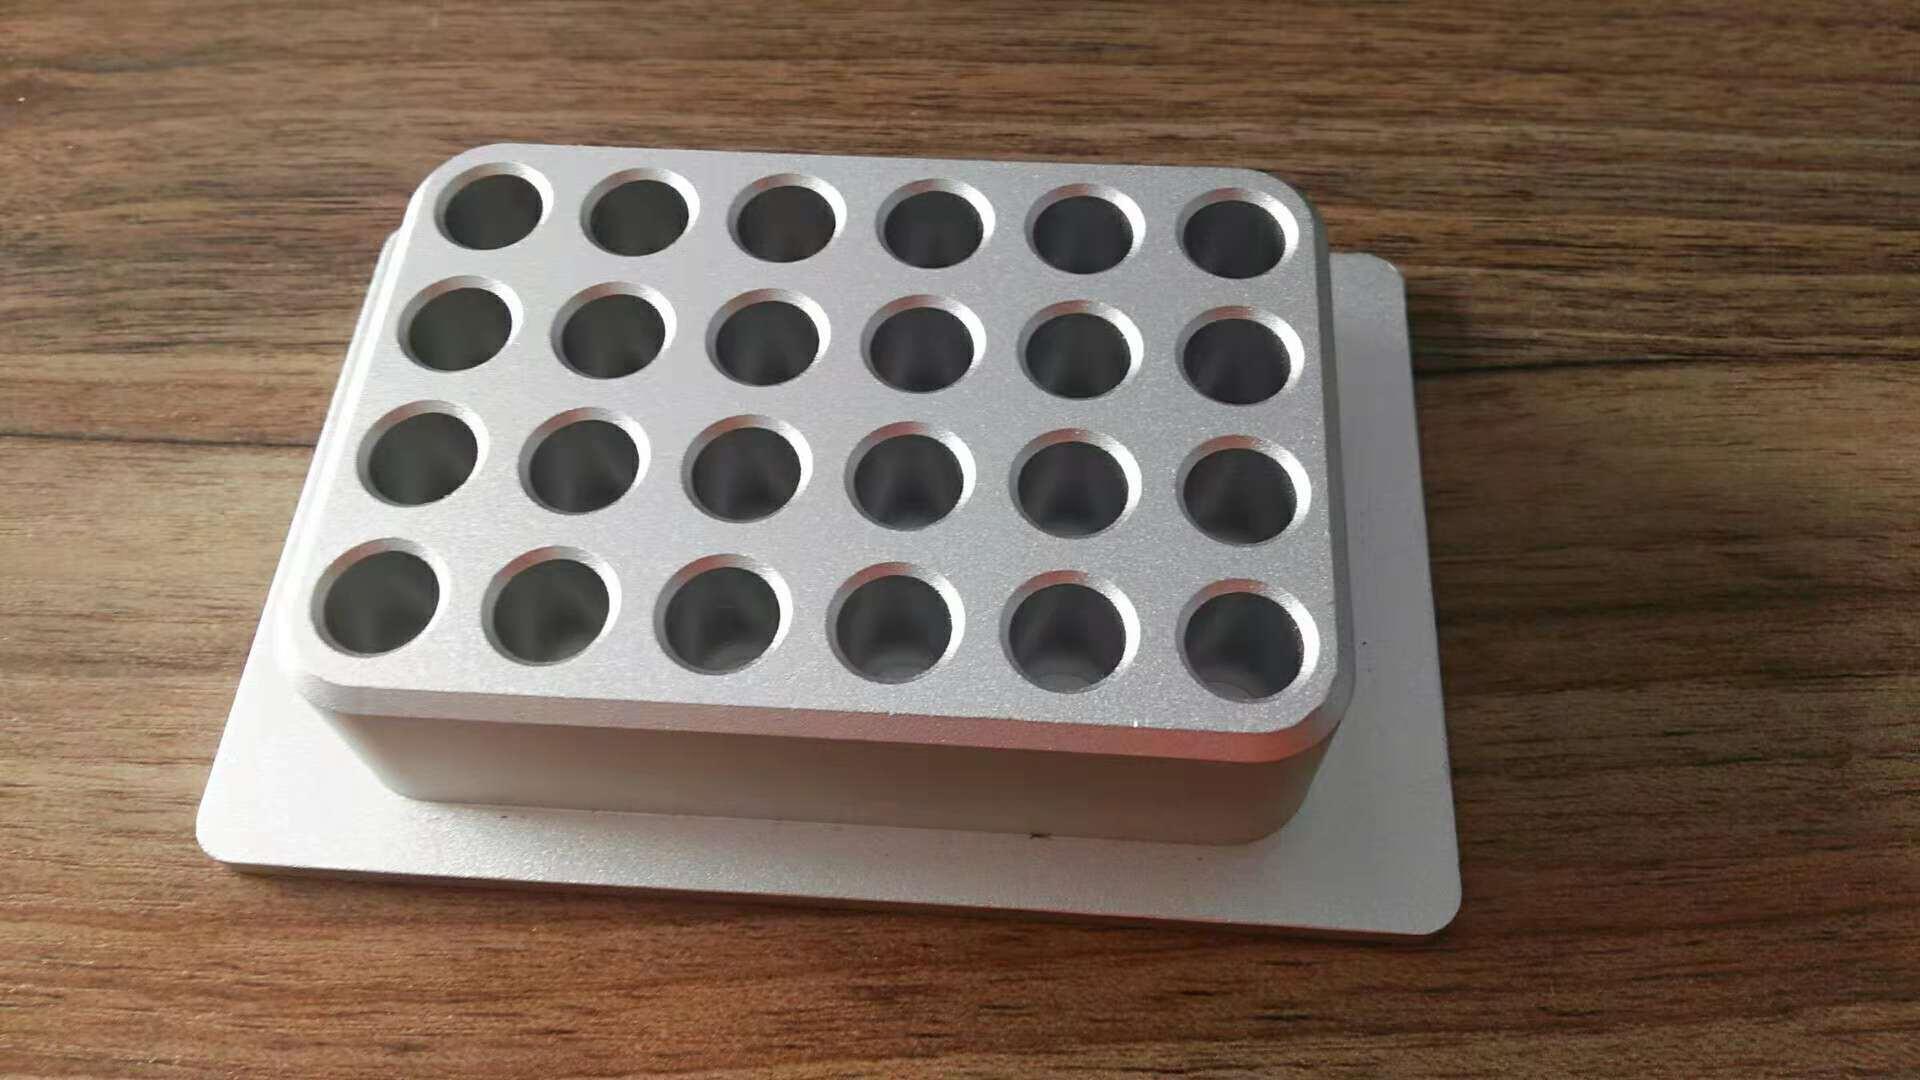 手工实验耗材24孔PCR离心管架适合1.5ml和2ml 用于:趋化因子和生长因子 琼脂 胰酶中和液 蛋白胨 多聚赖氨酸 氨基酸混合物